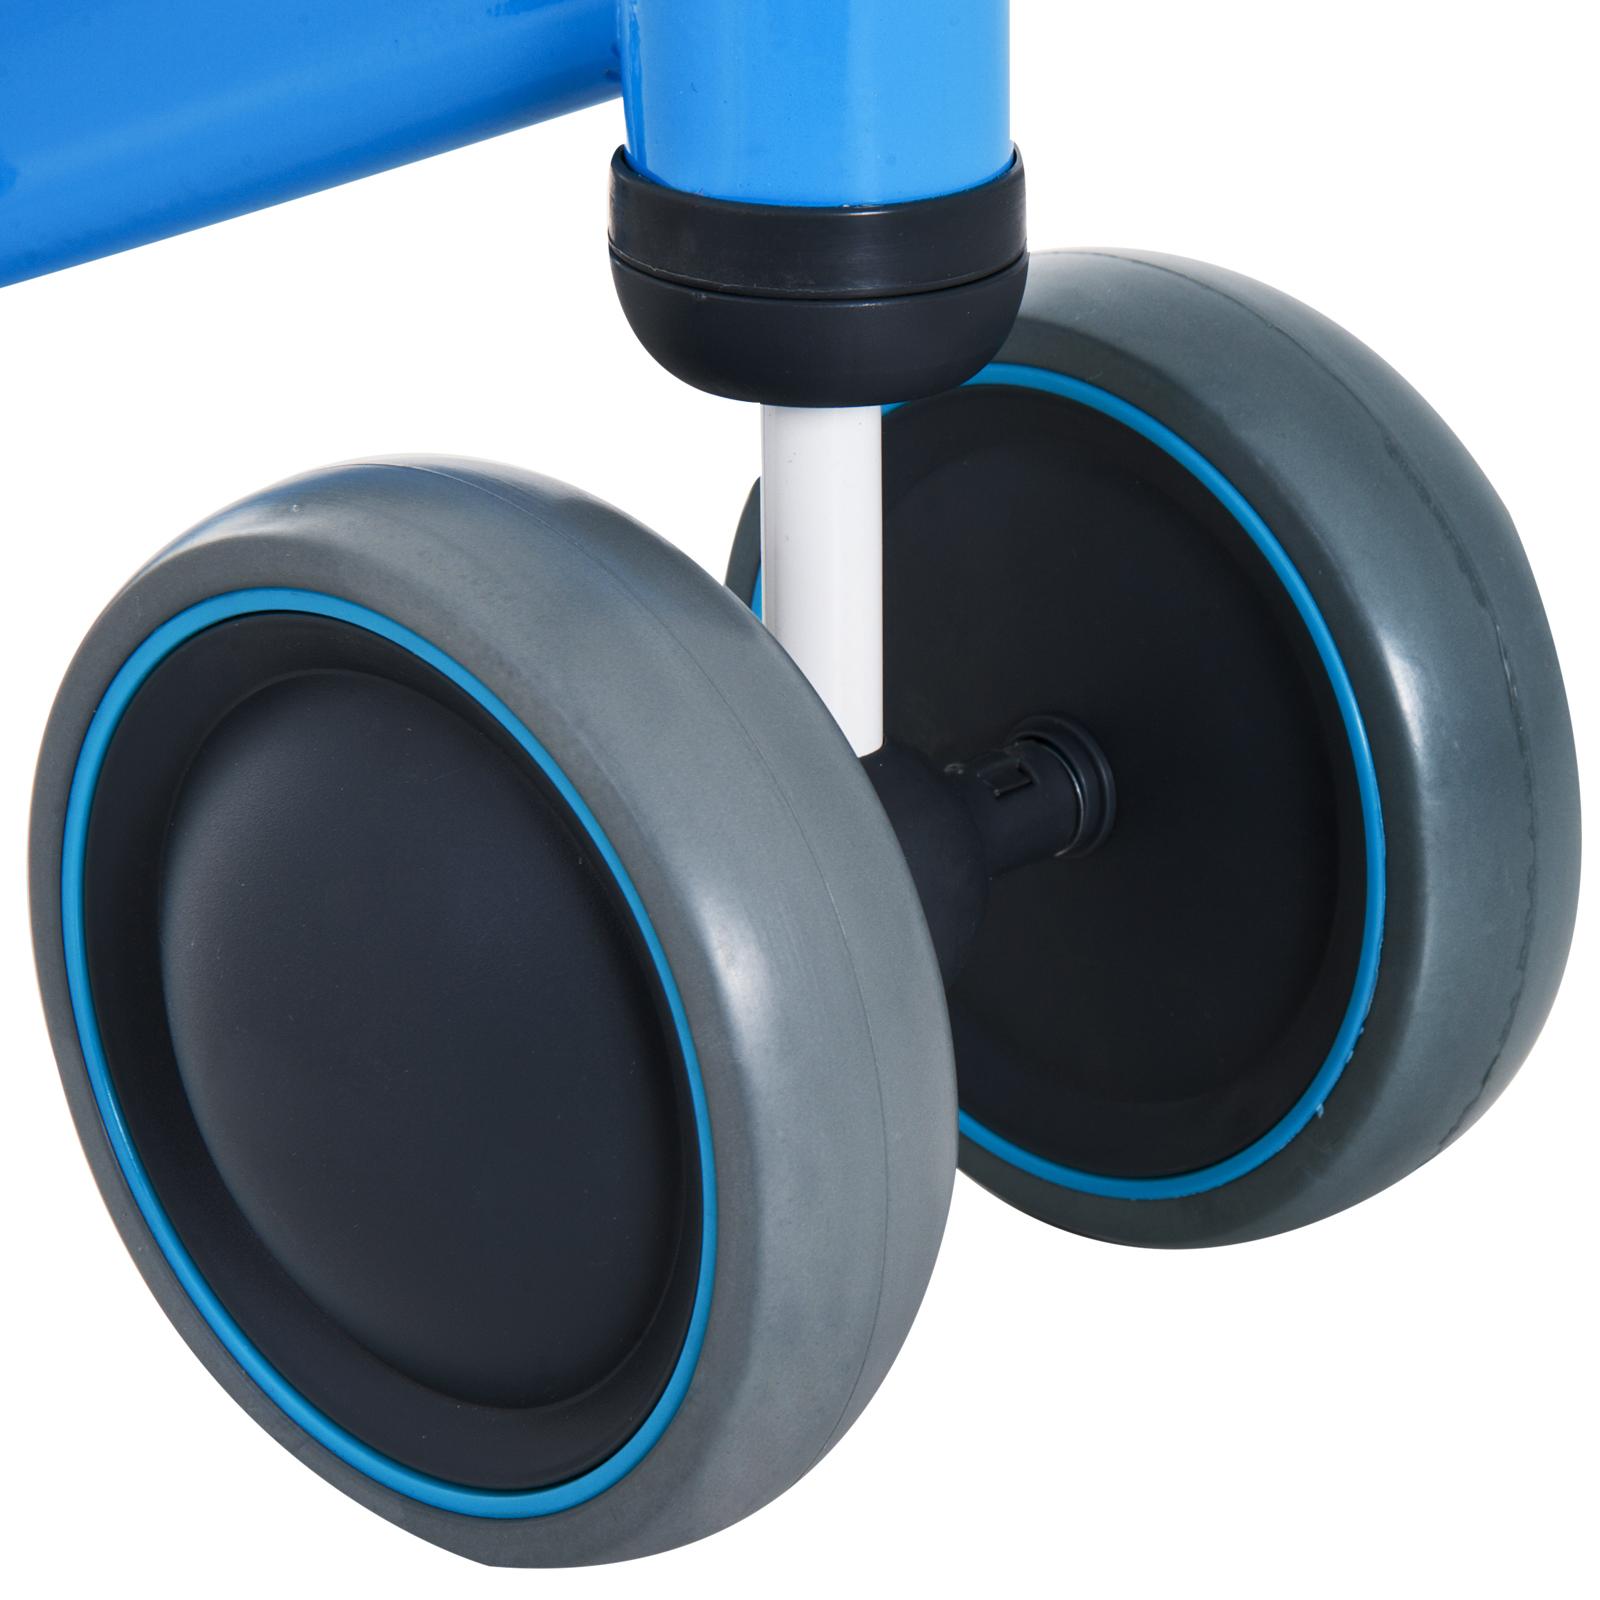 Triciclo-Bicicleta-sin-Pedales-para-Nino-1-3-Anos-Sillon-Comodo-Aluminio miniatura 18